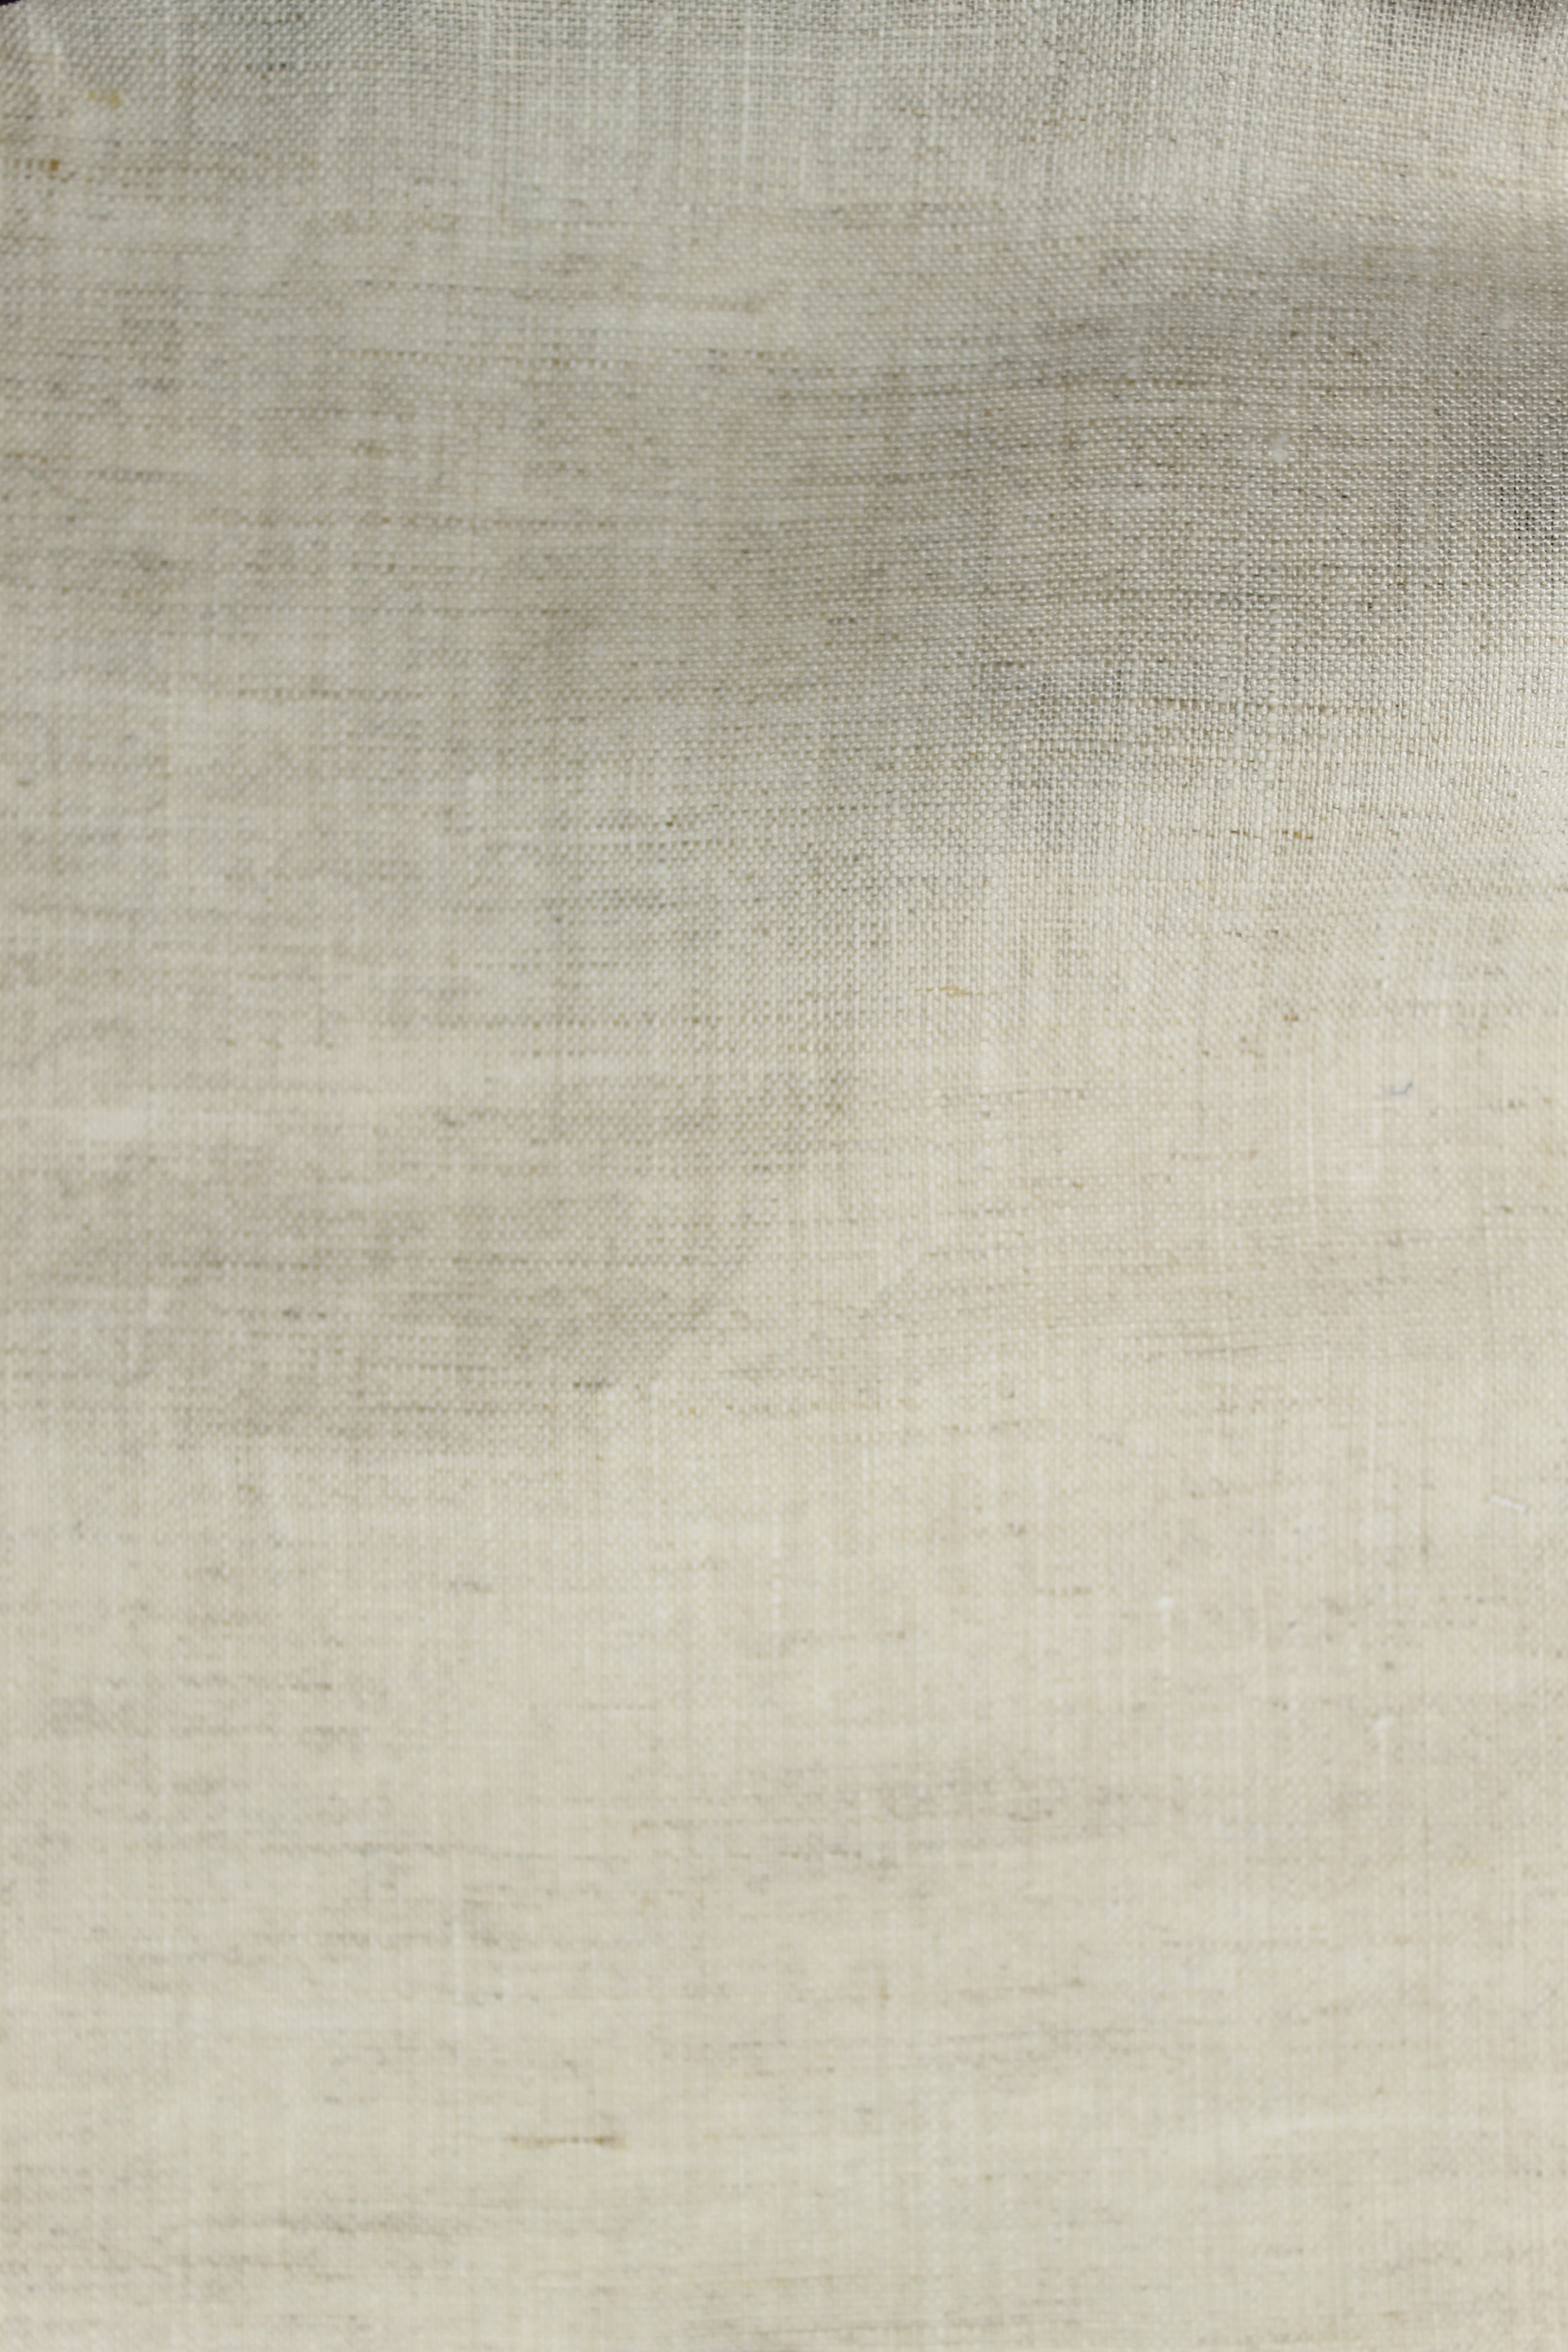 L102 Light Khaki Linen.JPG